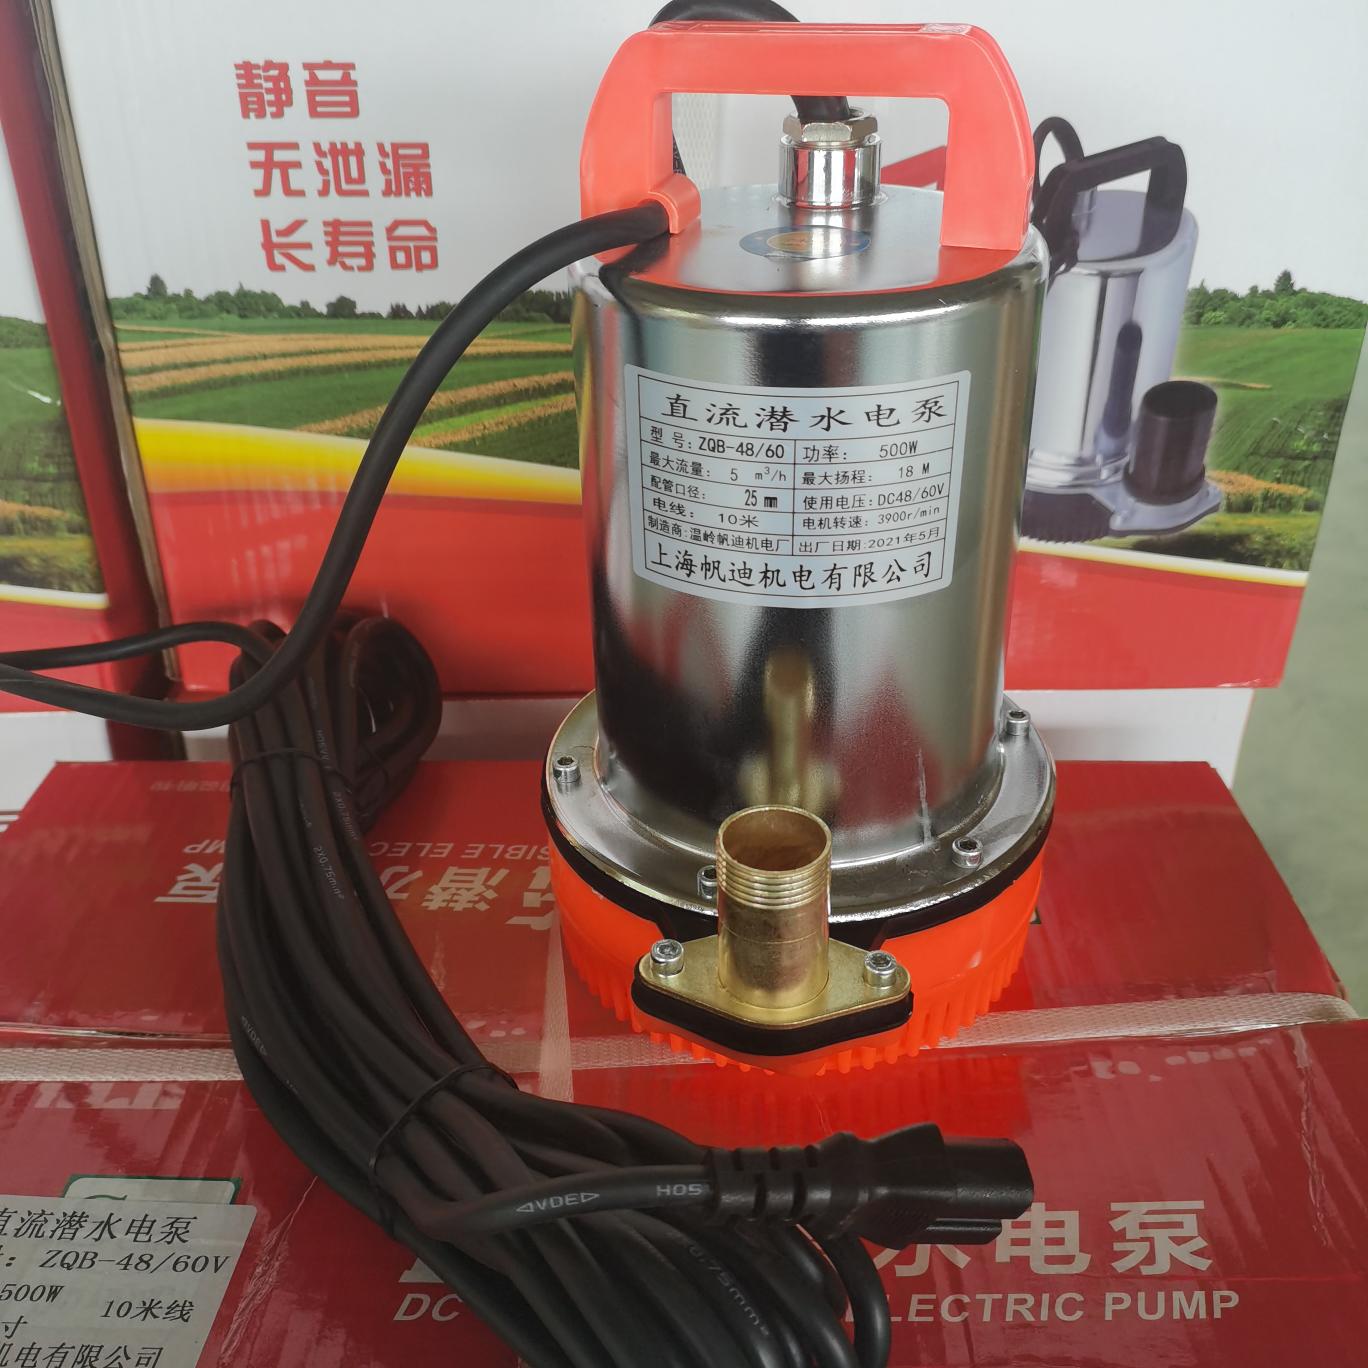 直流泵直流潜水电泵ZBQ-48-60V 7米线/10米线15米线  电瓶车水泵